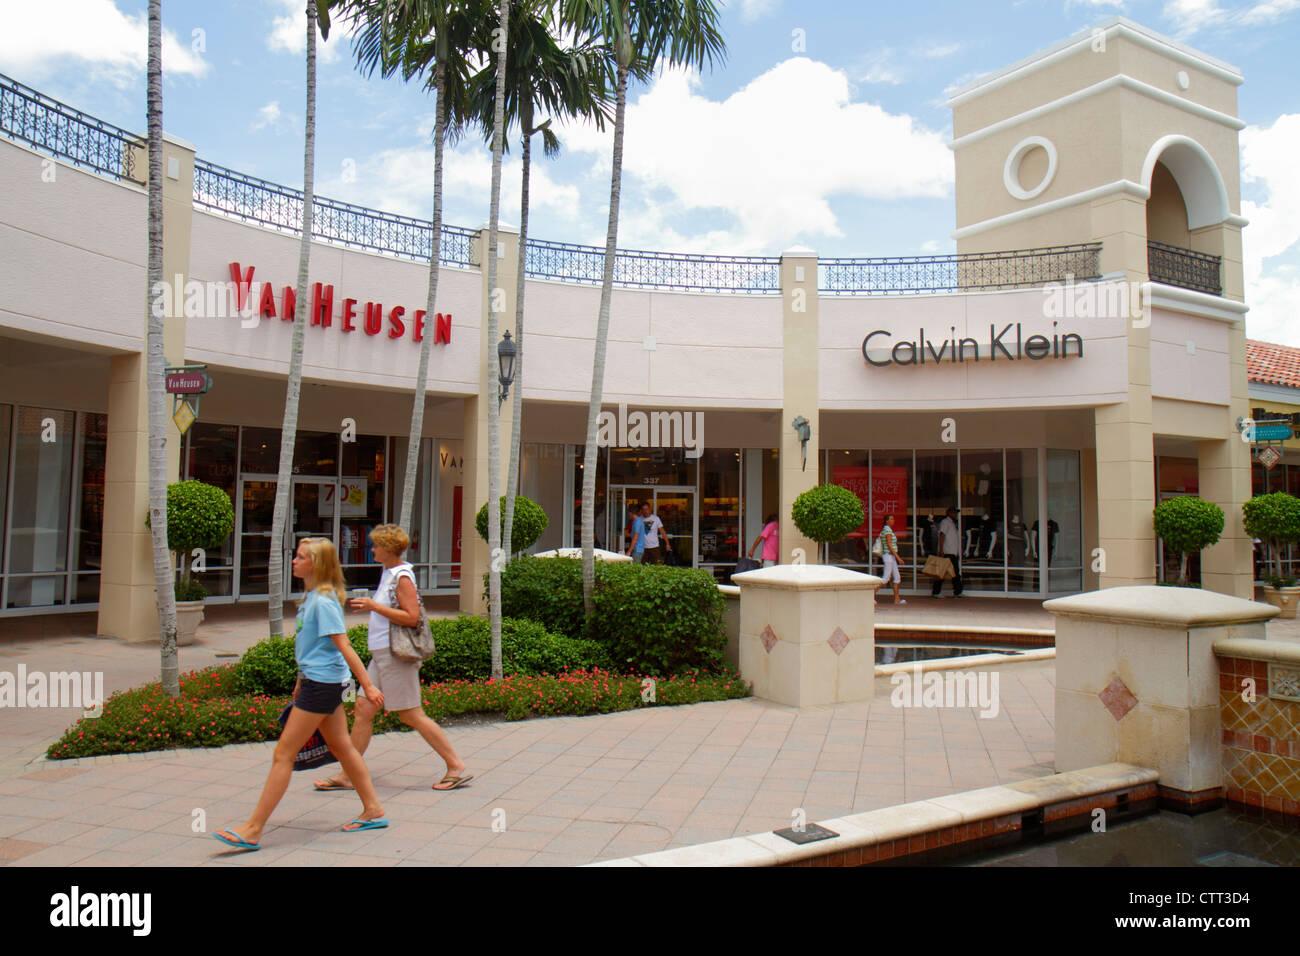 bc5cf2cad0265 Florida Estero Miromar Outlets shopping vorne außen Teengirl Frau Mutter  Van Heusen Herren Kleidung Designer Calvin Klein